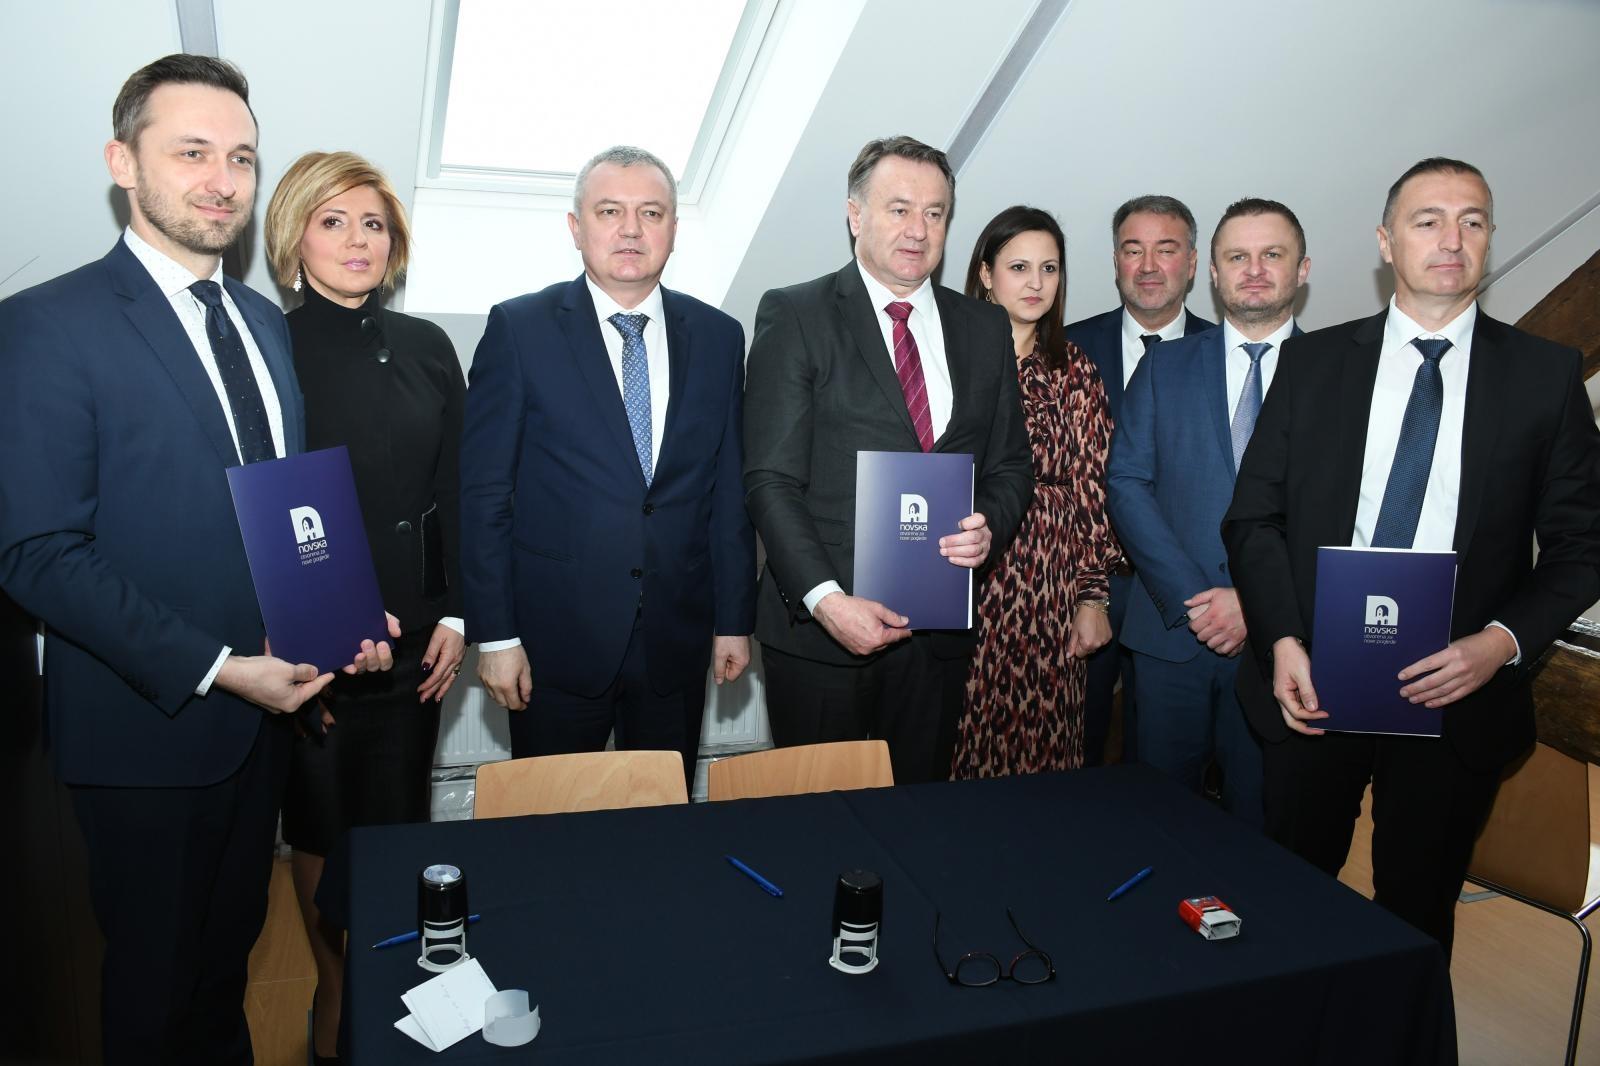 Potpisan ugovor za izgradnju i opremanje kampusa gaming industrije u Novskoj